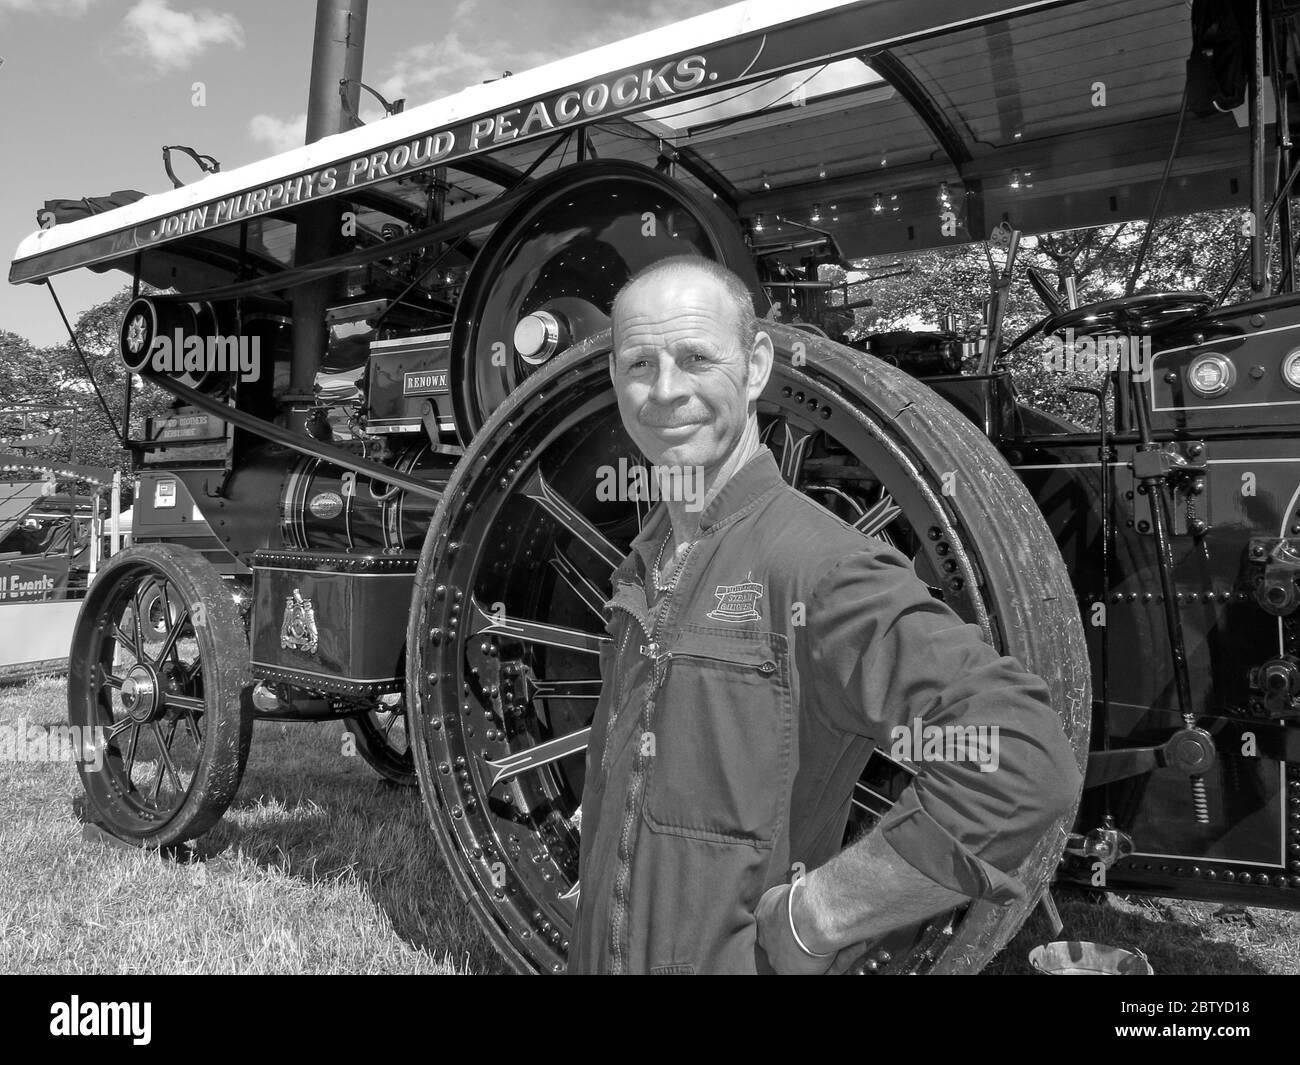 Dieses Stockfoto: John Murphys Proud Peacocks, Dampfzugmaschine (bekannt) und Betreiber, Leicestershire, England Großbritannien - Showmans Engine - 2BTYD1